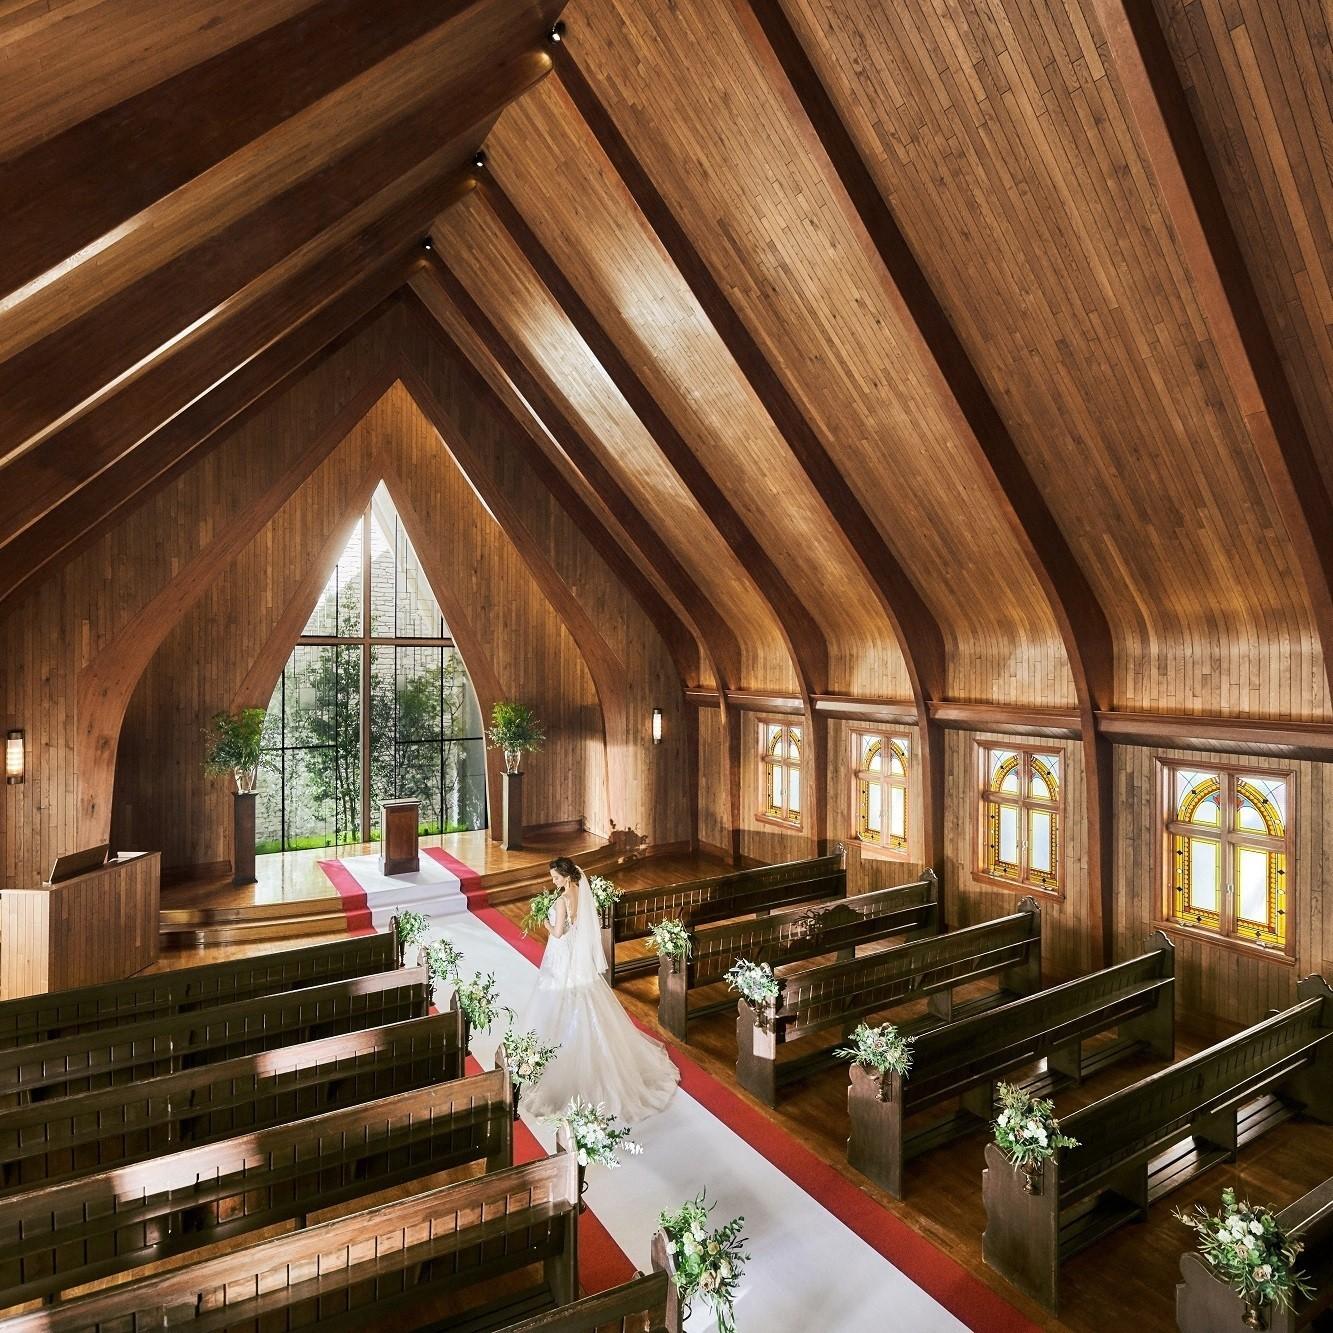 2019年3月、礼拝堂とガーデンが新しく生まれ変わりGRAND OPEN!